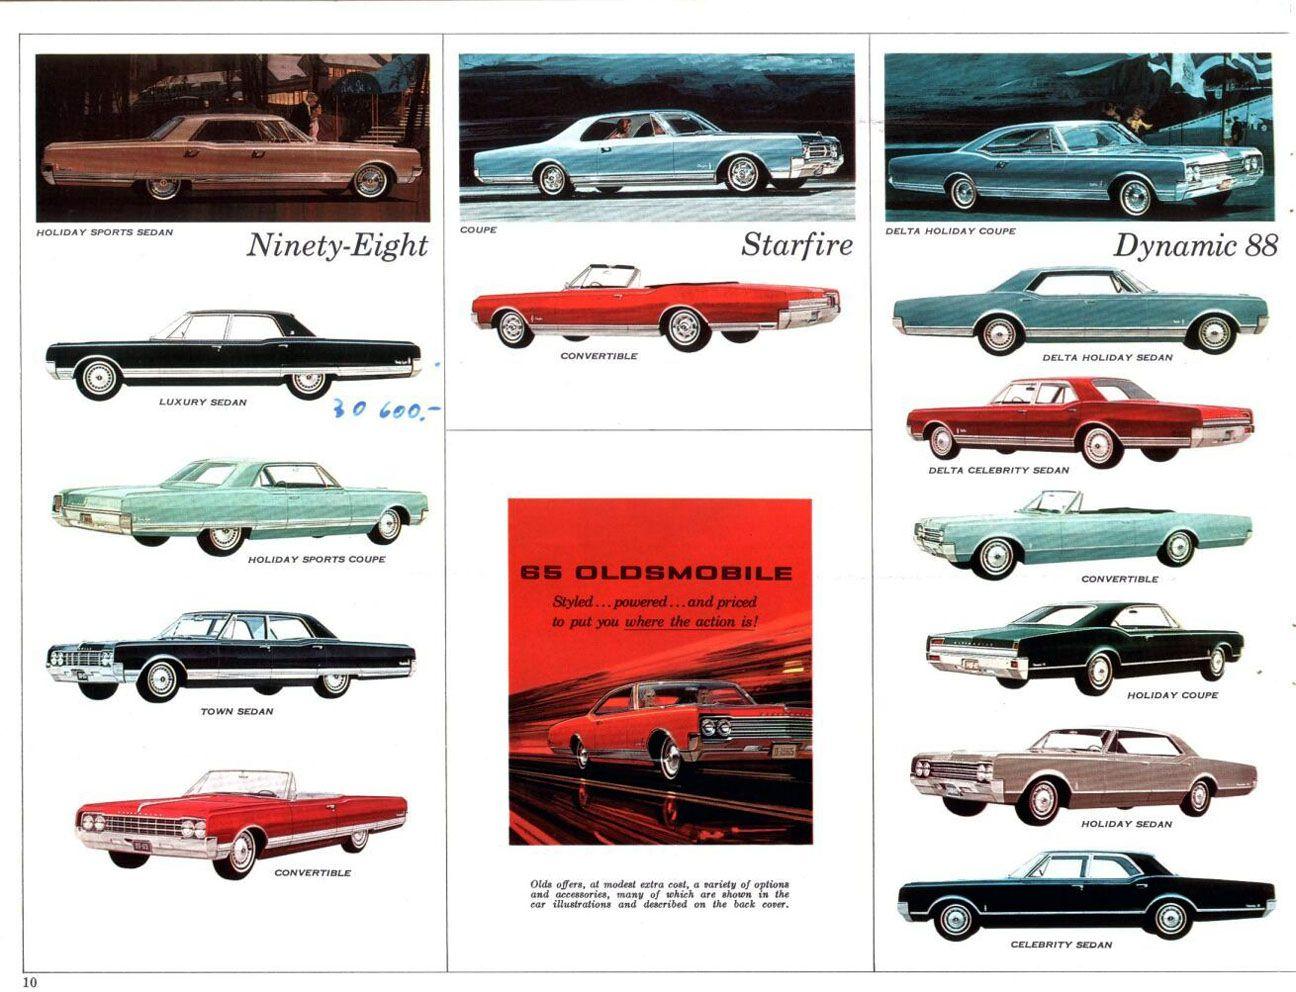 auto brochure 1965 olds [ 1296 x 992 Pixel ]